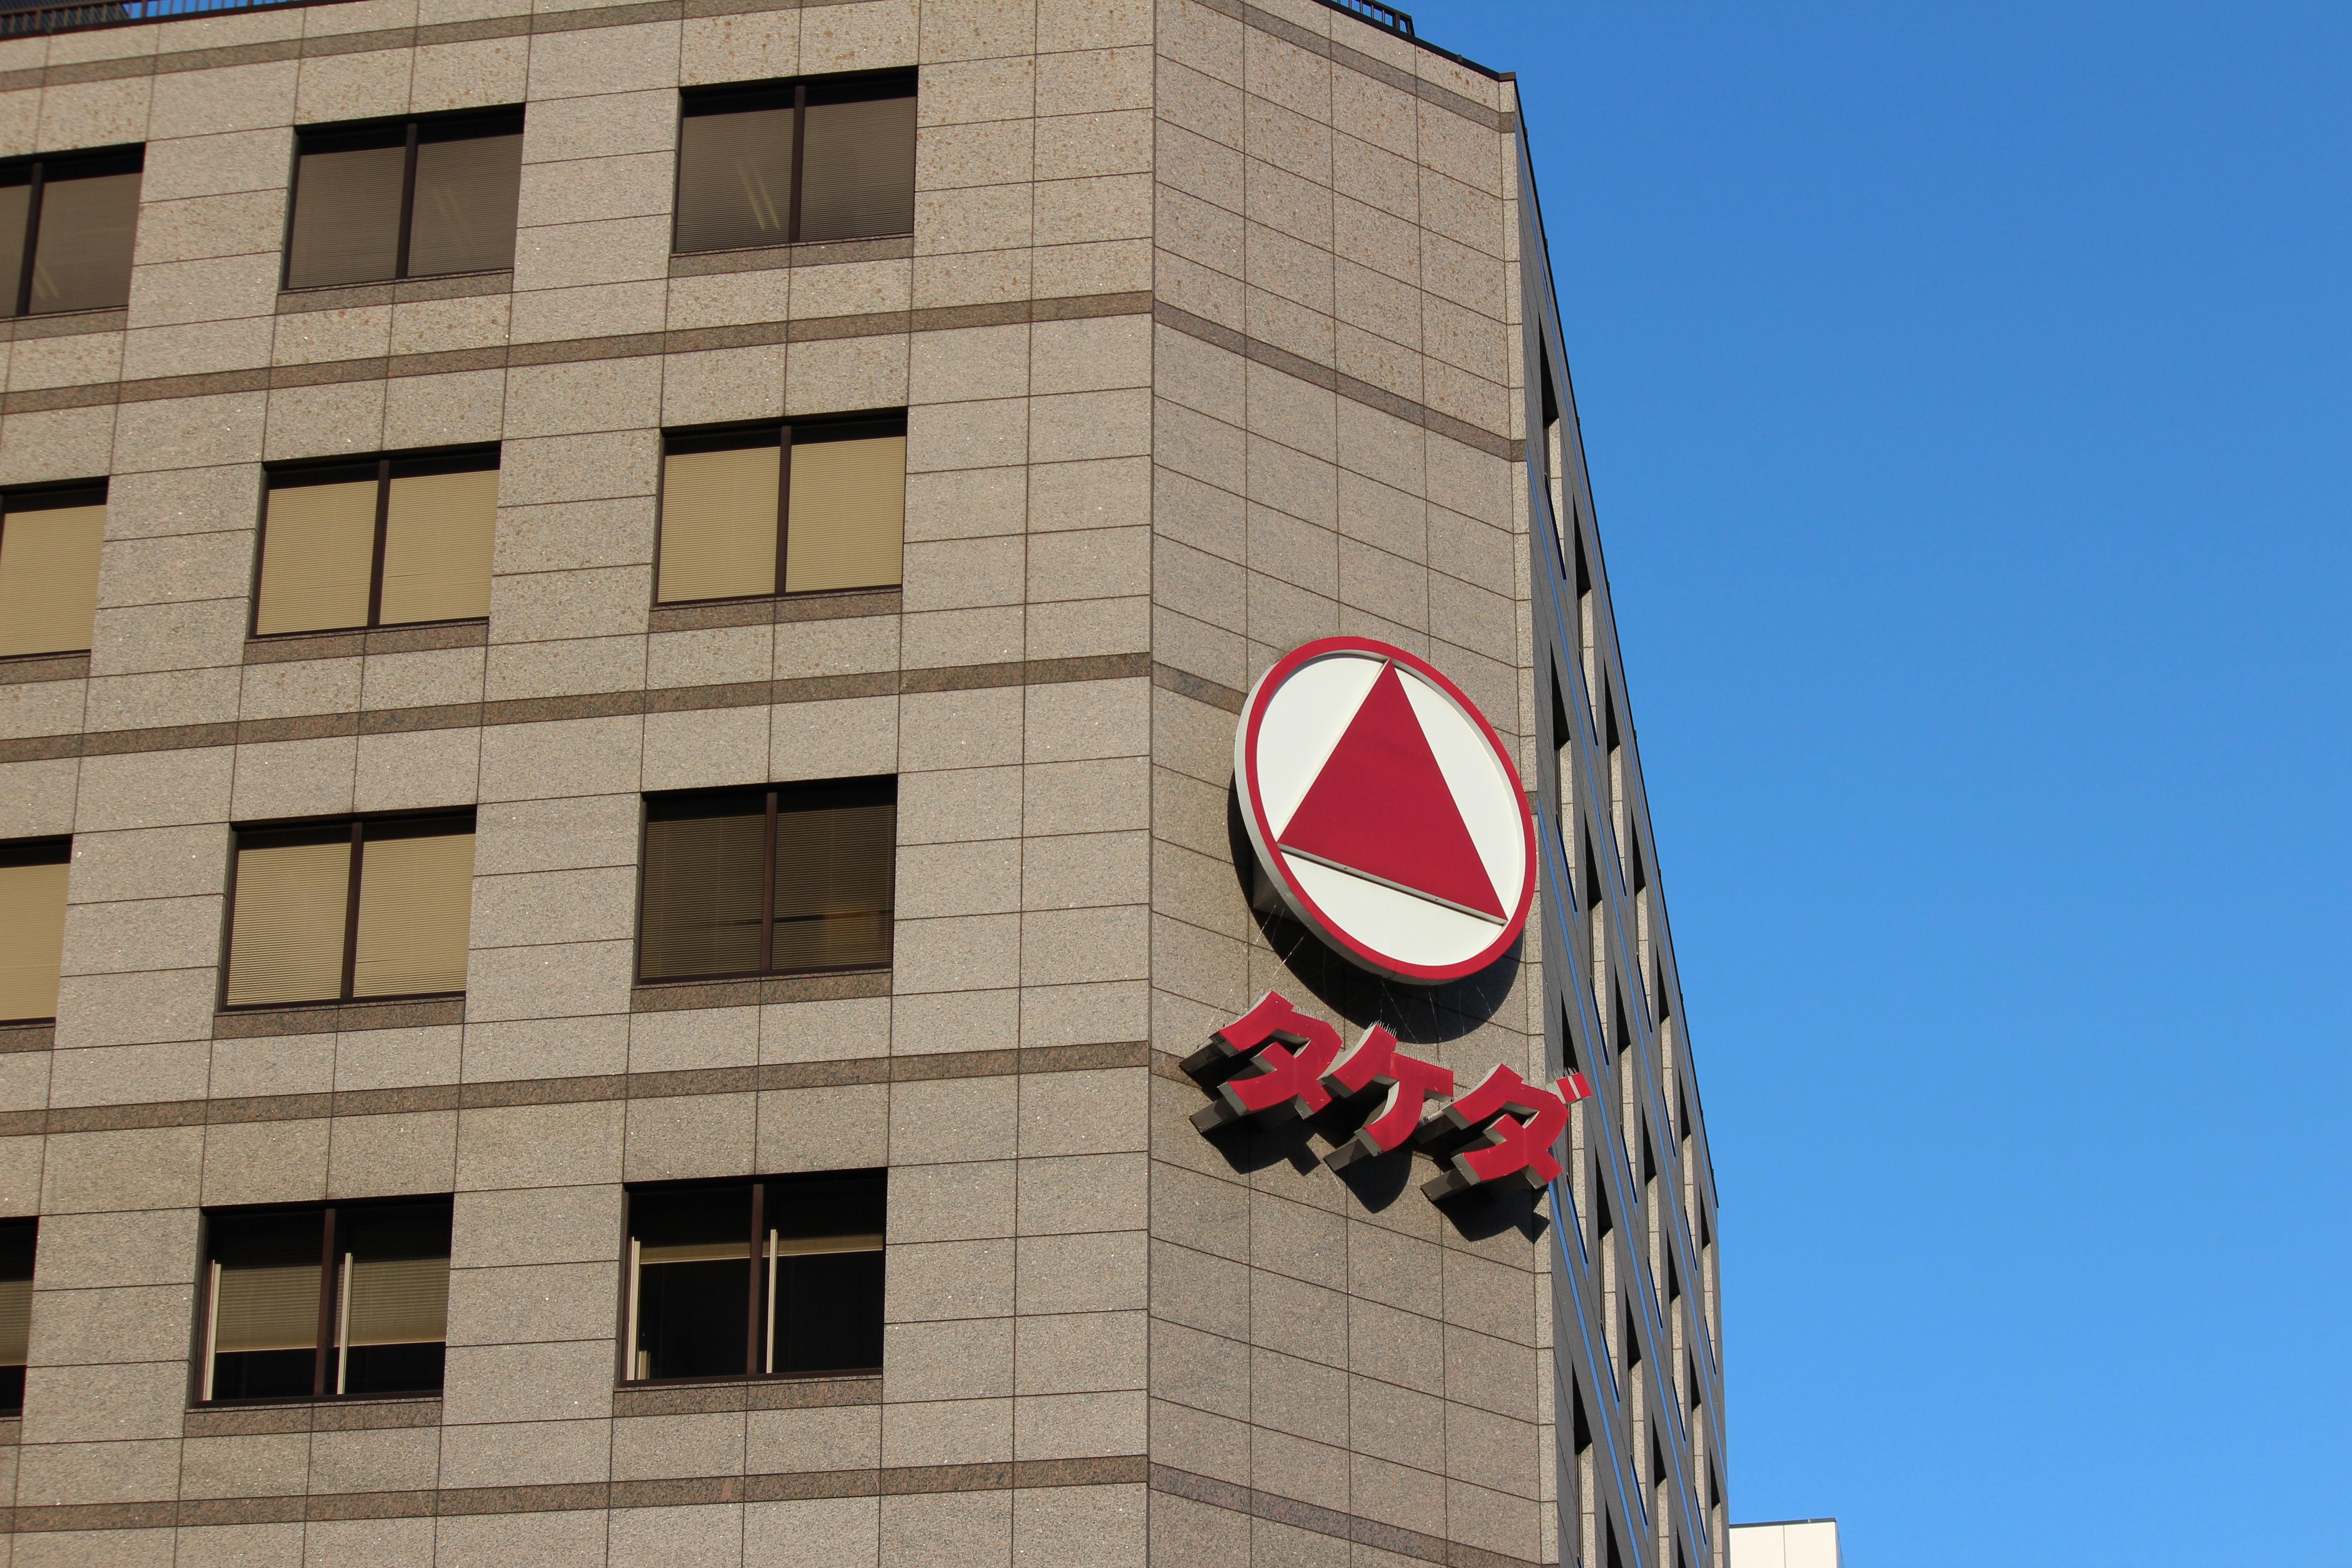 武田薬品 バイオベンチャーに1億ドルを支援